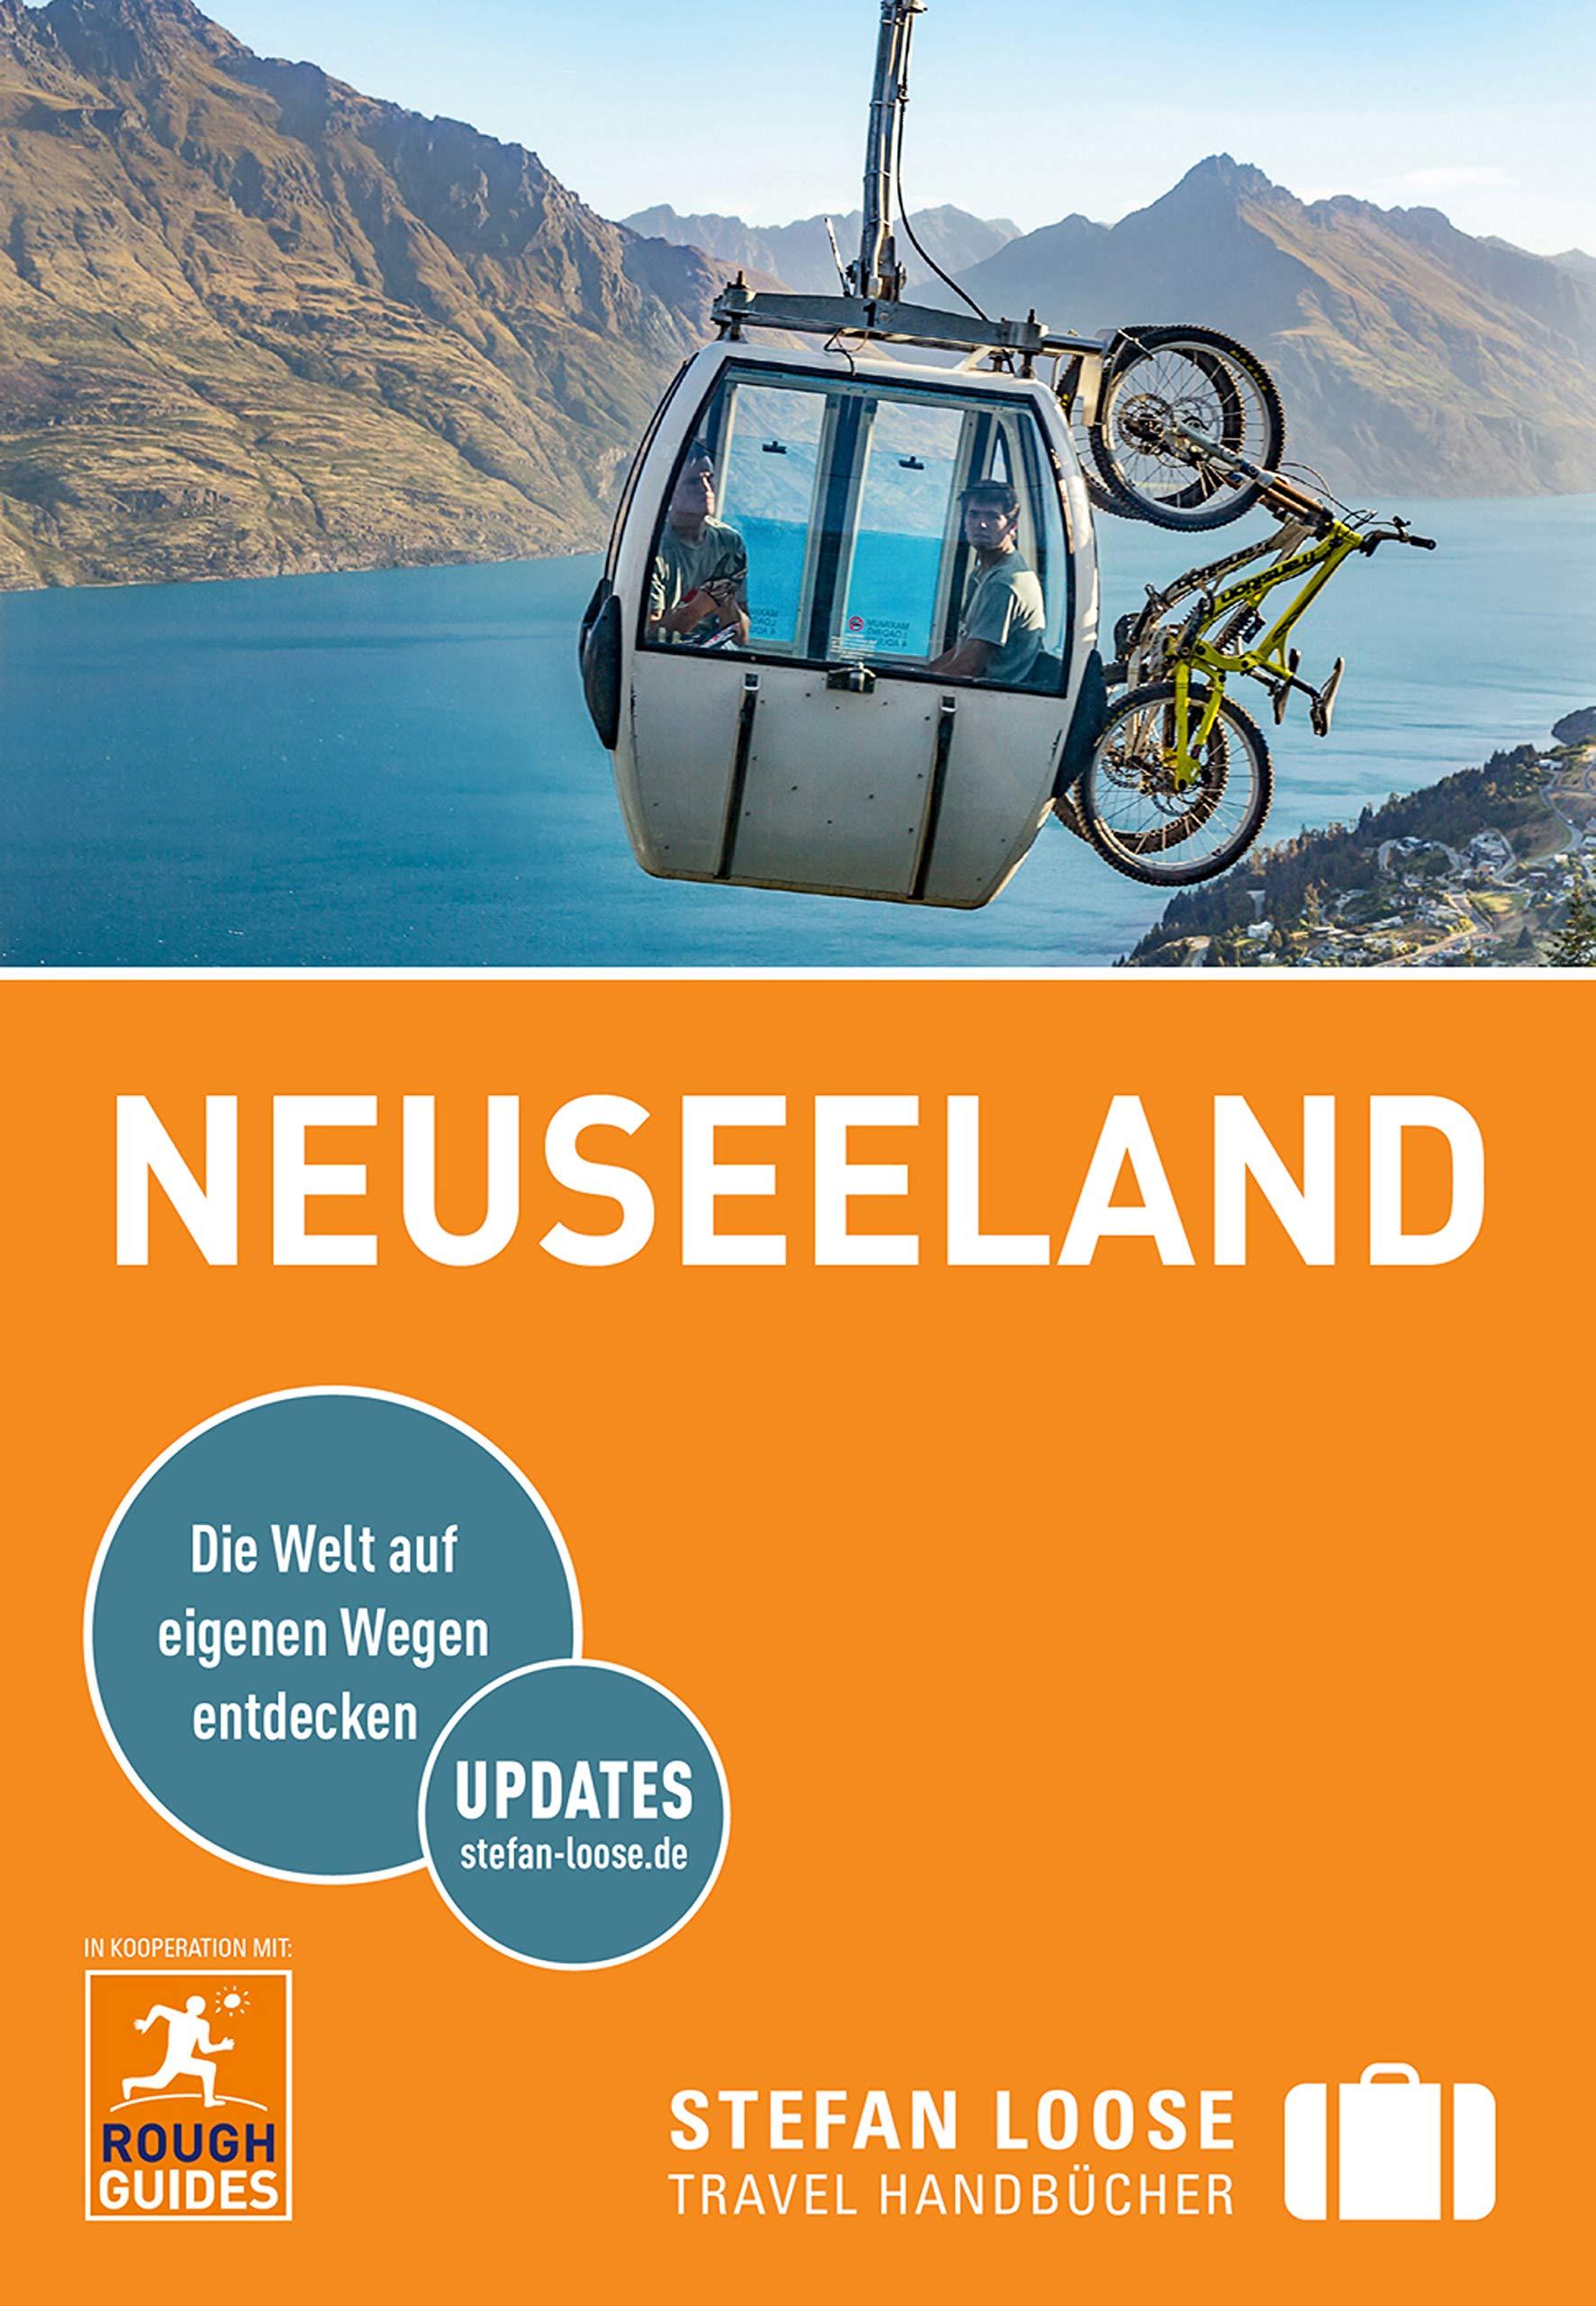 Stefan Loose Reiseführer Neuseeland: mit Downloads aller Karten (Stefan Loose Travel Handbücher E-Book)